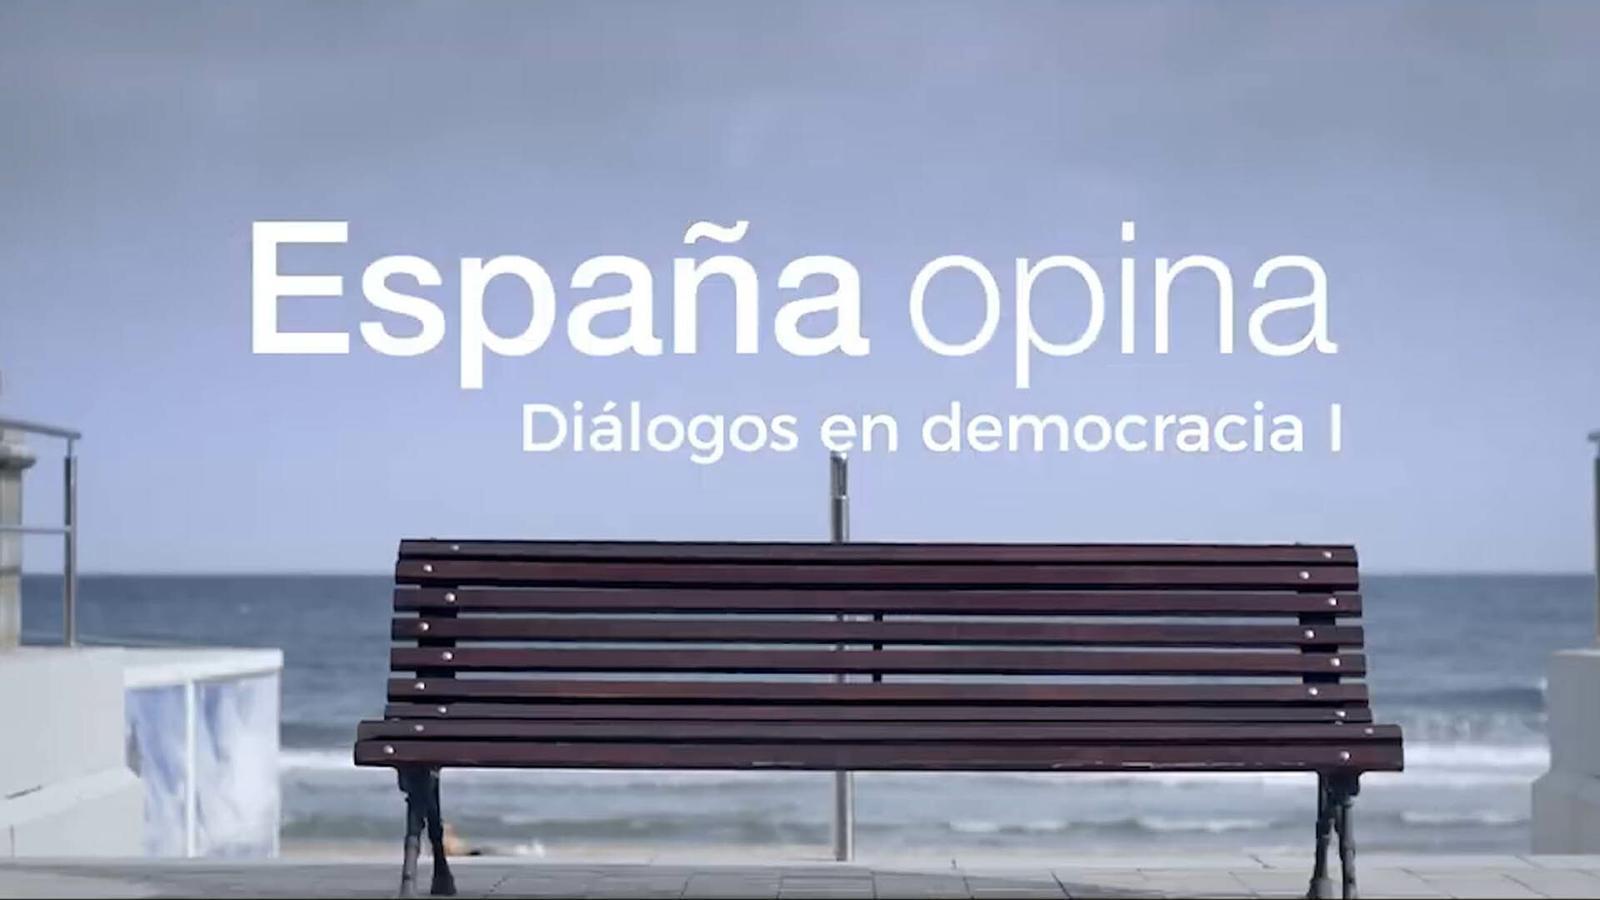 L'anàlisi d'Antoni Bassas: 'Espanya Global: «Dime de qué gallardeas y te diré de qué careces»'